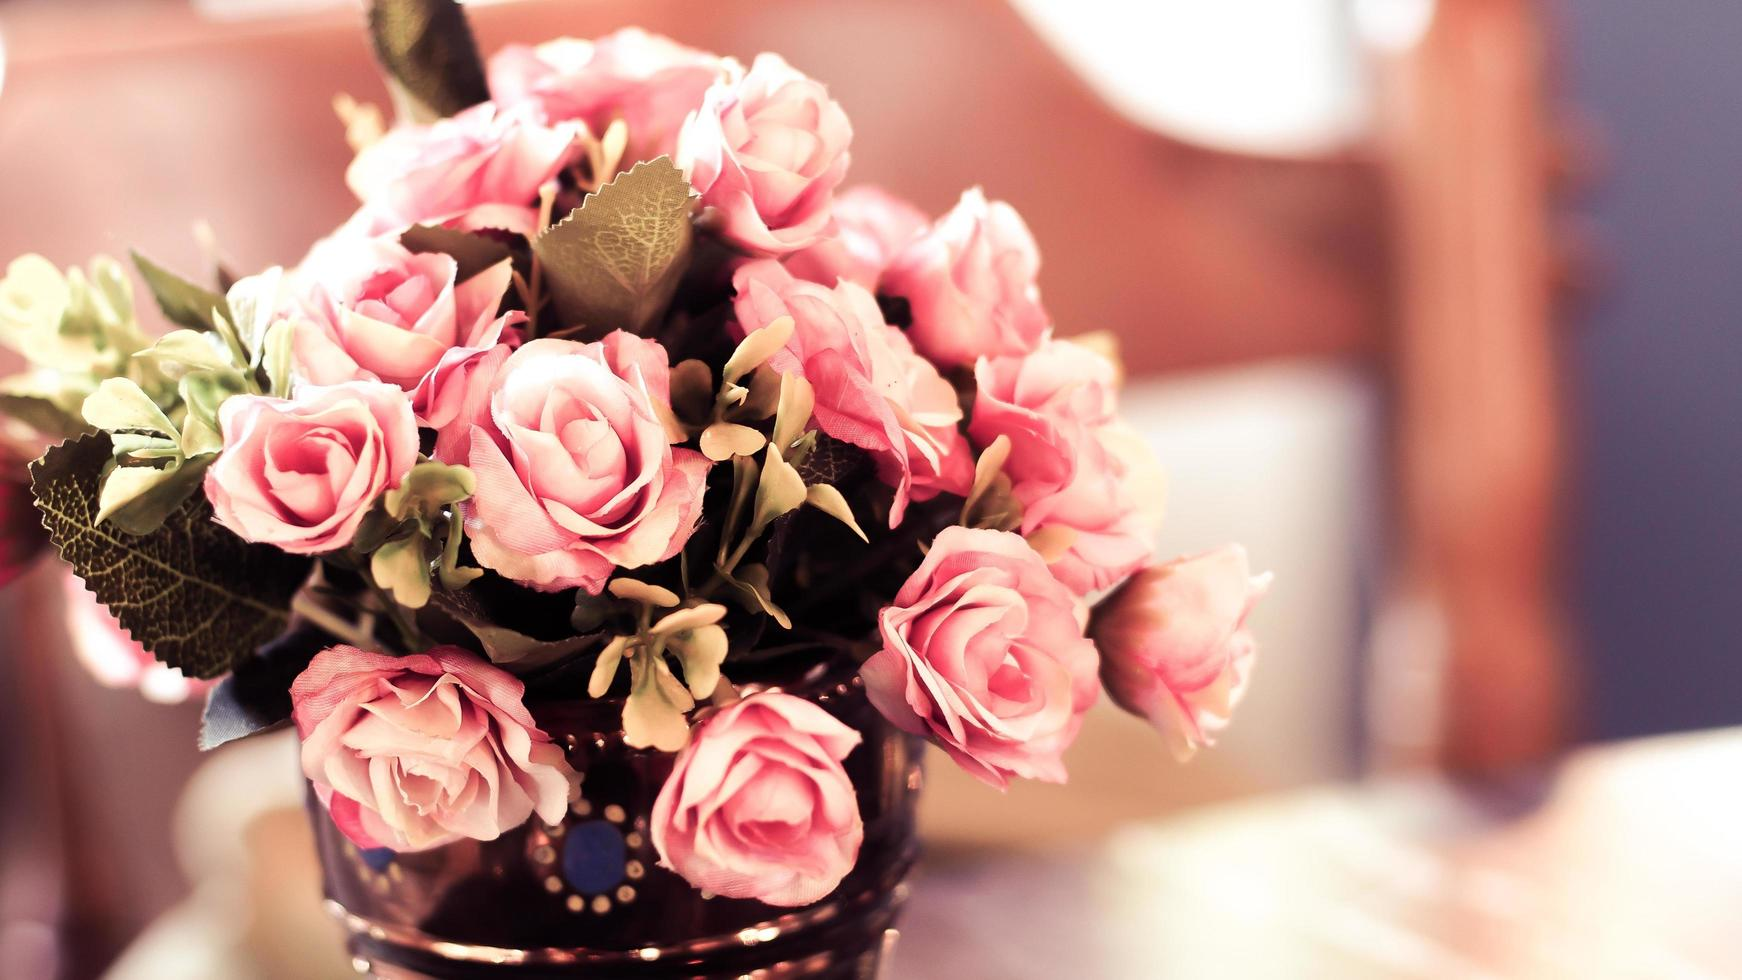 Nahaufnahme des rosa Blumenarrangements foto